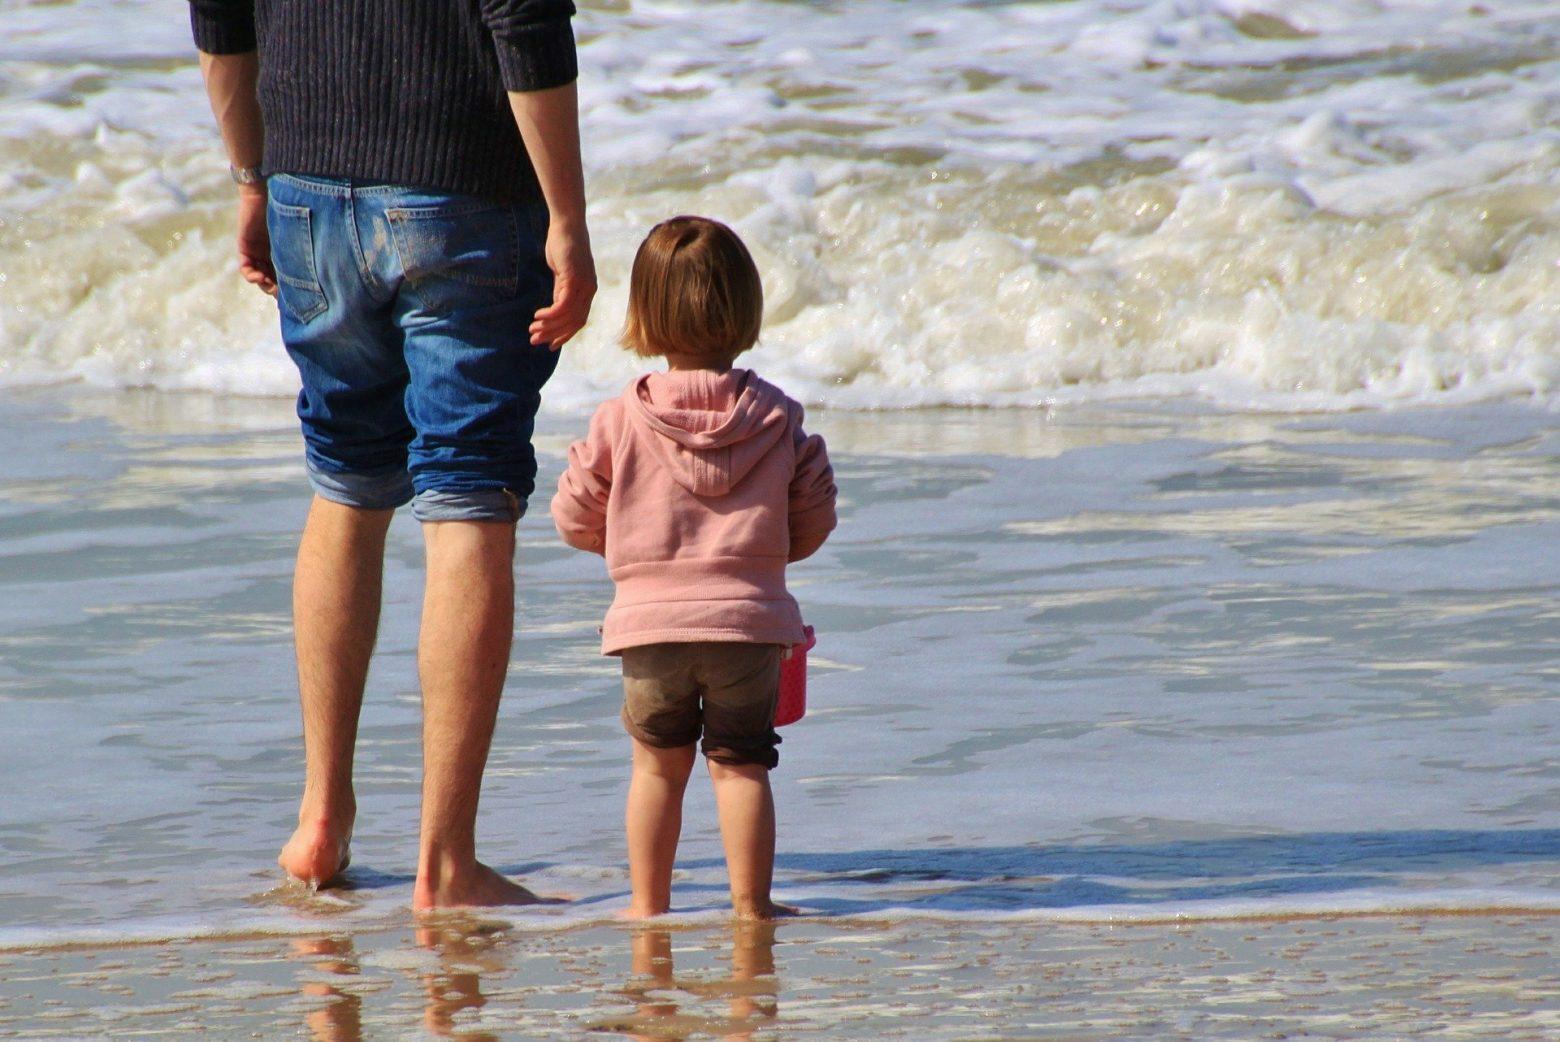 Γιορτή του Πατέρα: Οι μπαμπάδες της σόουμπιζ μιλούν για τα παιδιά τους και συγκινούν